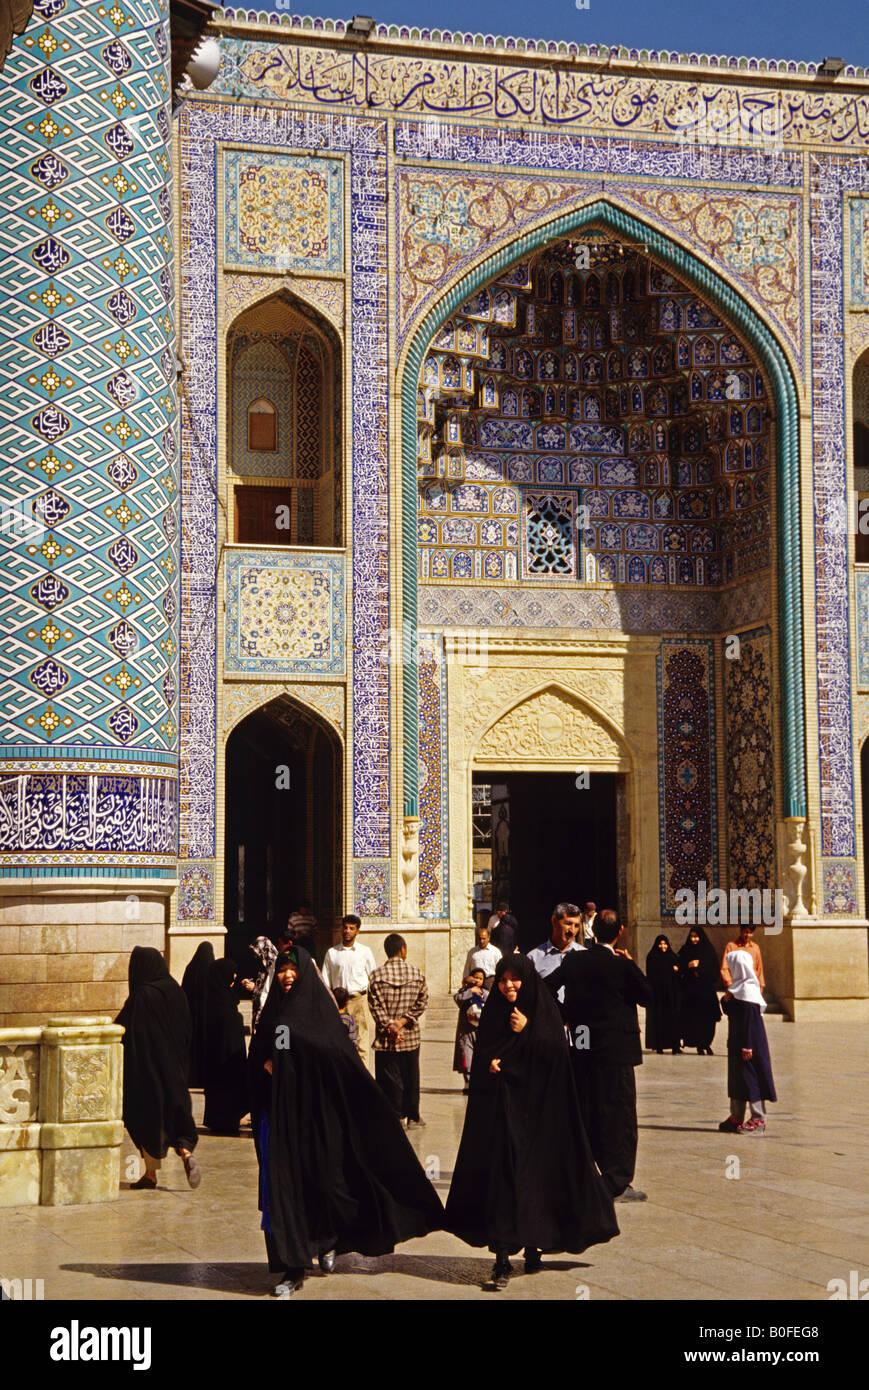 Shiraz Mosque - Stock Image